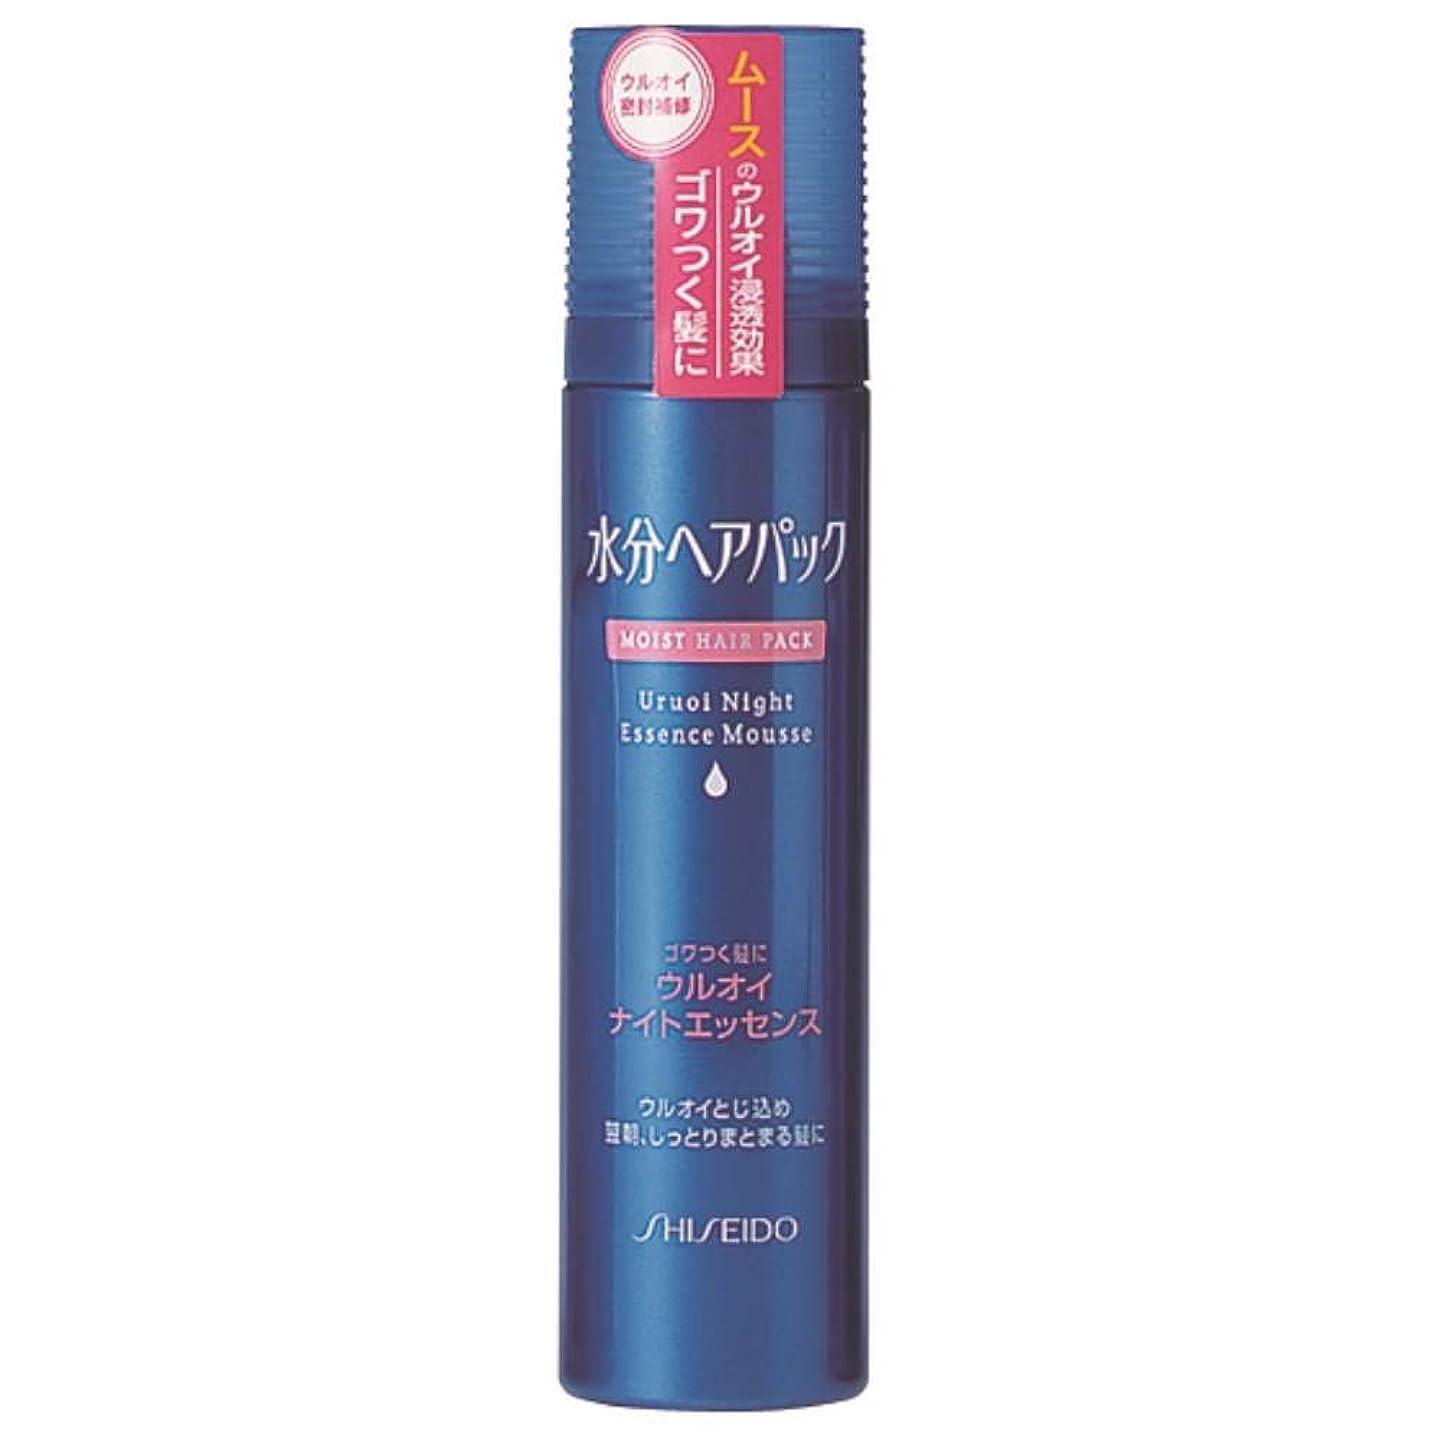 確保するサーカス禁止する水分ヘアパック ウルオイナイトエッセンス ごわつく髪用 140g